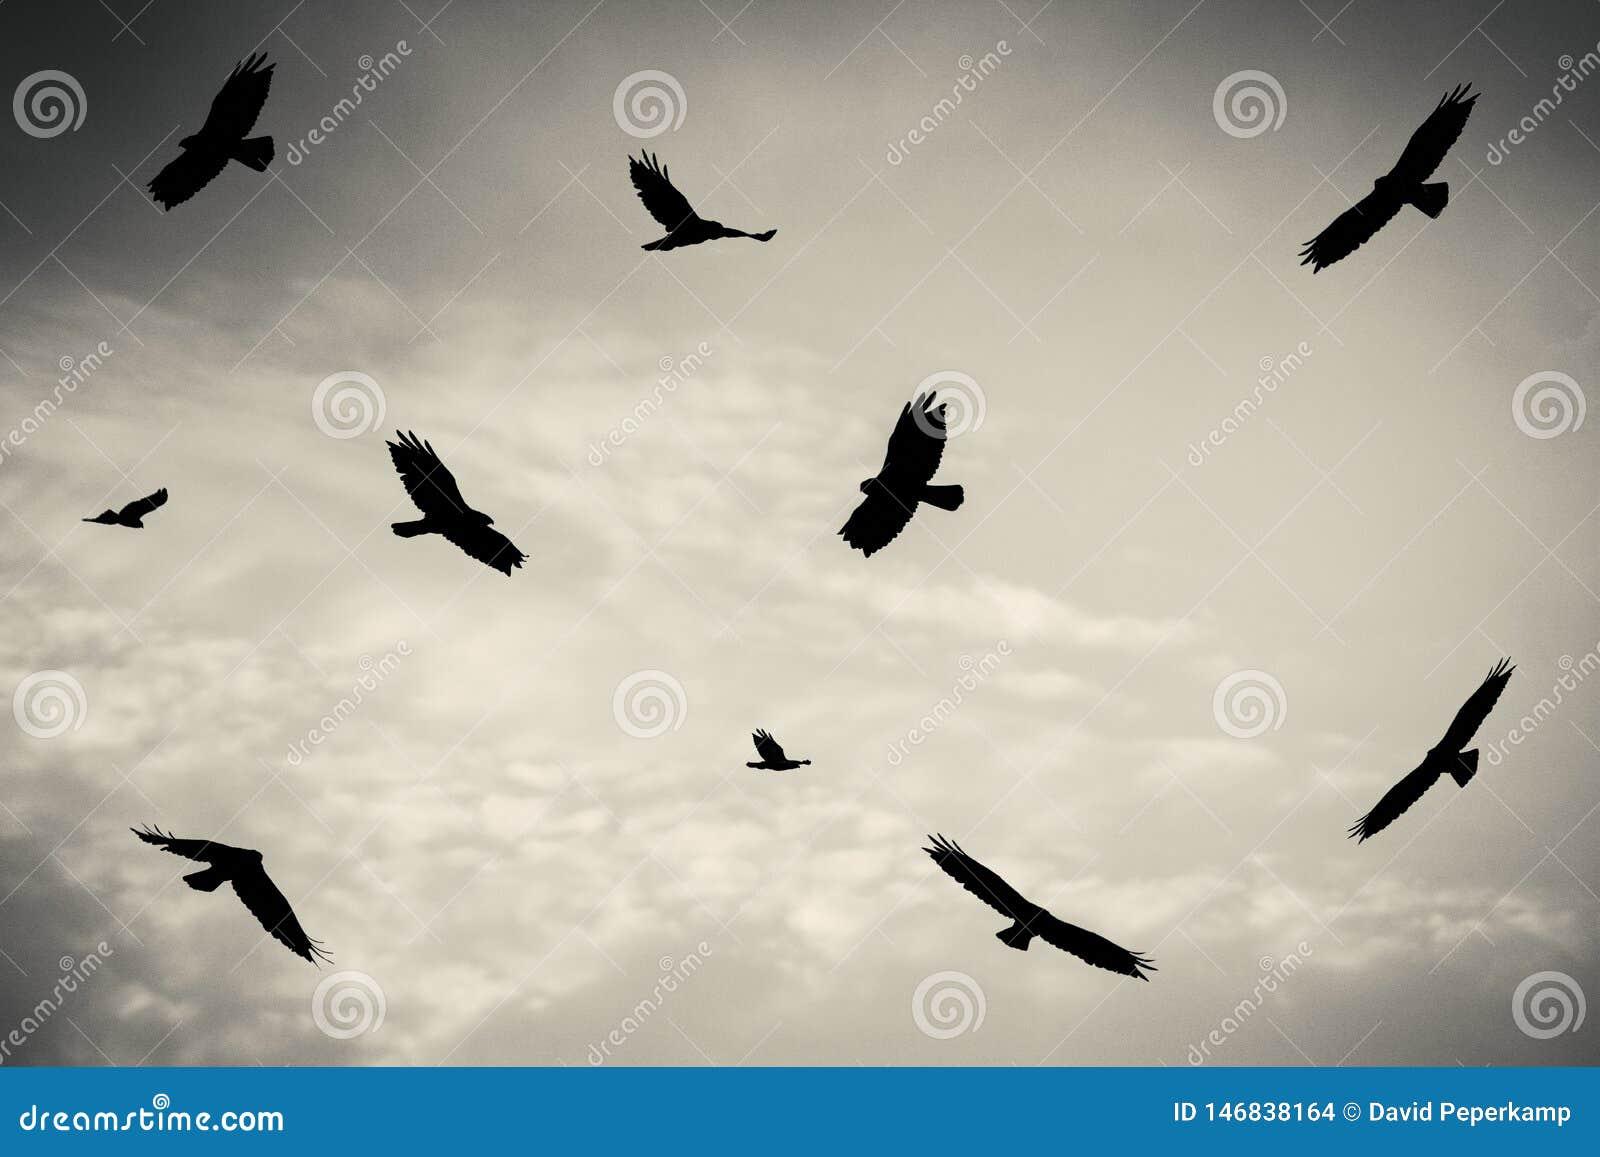 Czarni ptaki w chmurnym niebie, bagno błotniak, ptak zdobycz